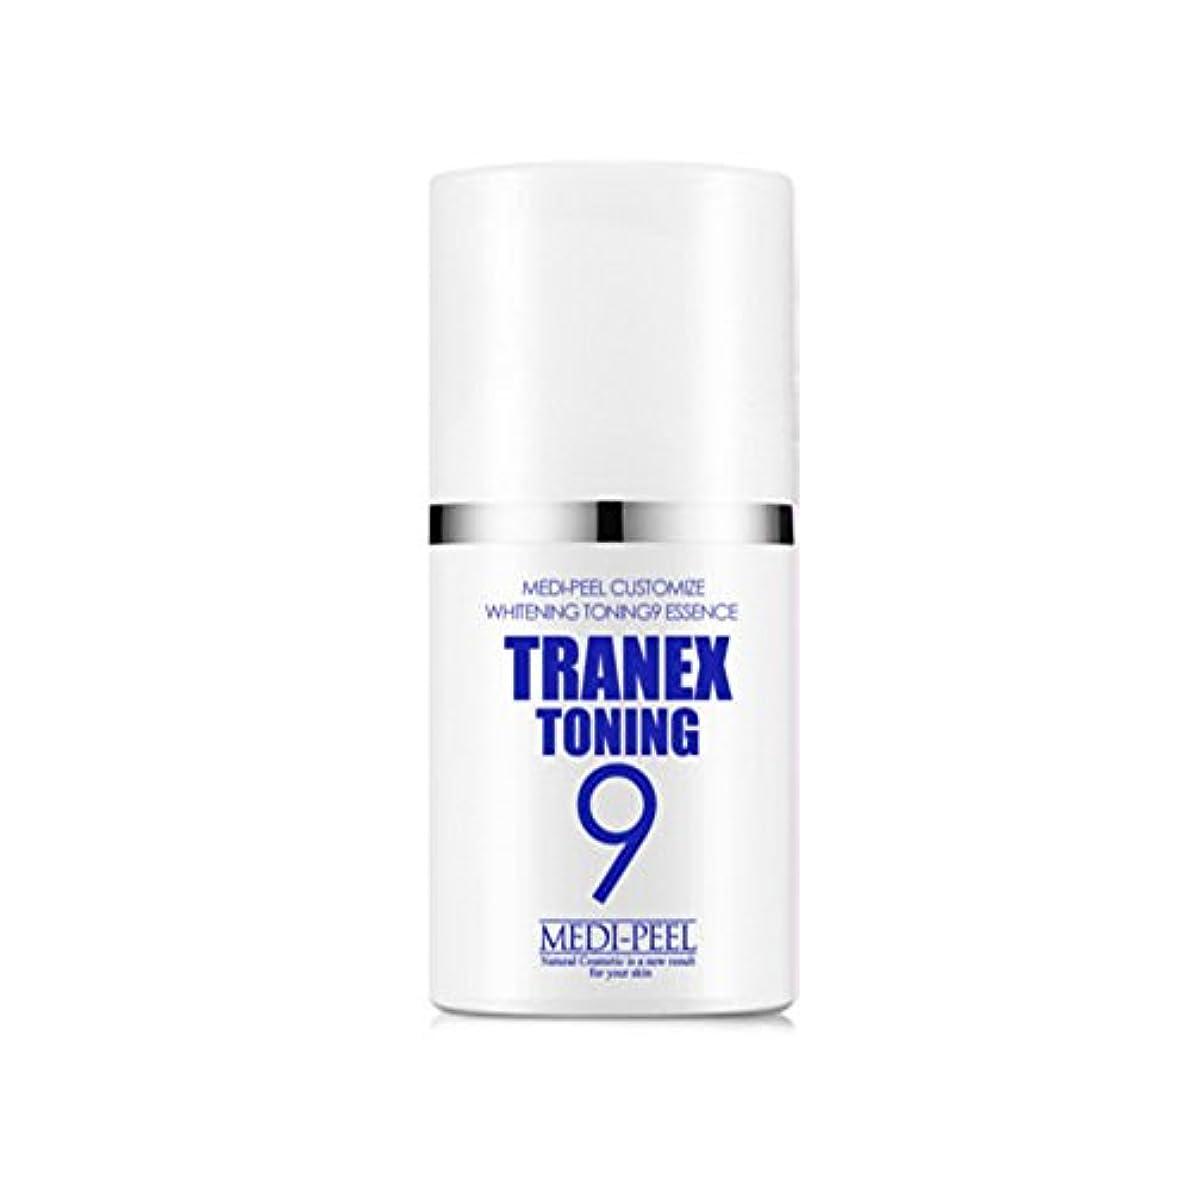 契約する真鍮利得メディピール トーラーネック トーニング9 エッセンス(美白機能性化粧品)50ml. Medi-peel Tranex Toning9 Essense 50ml.